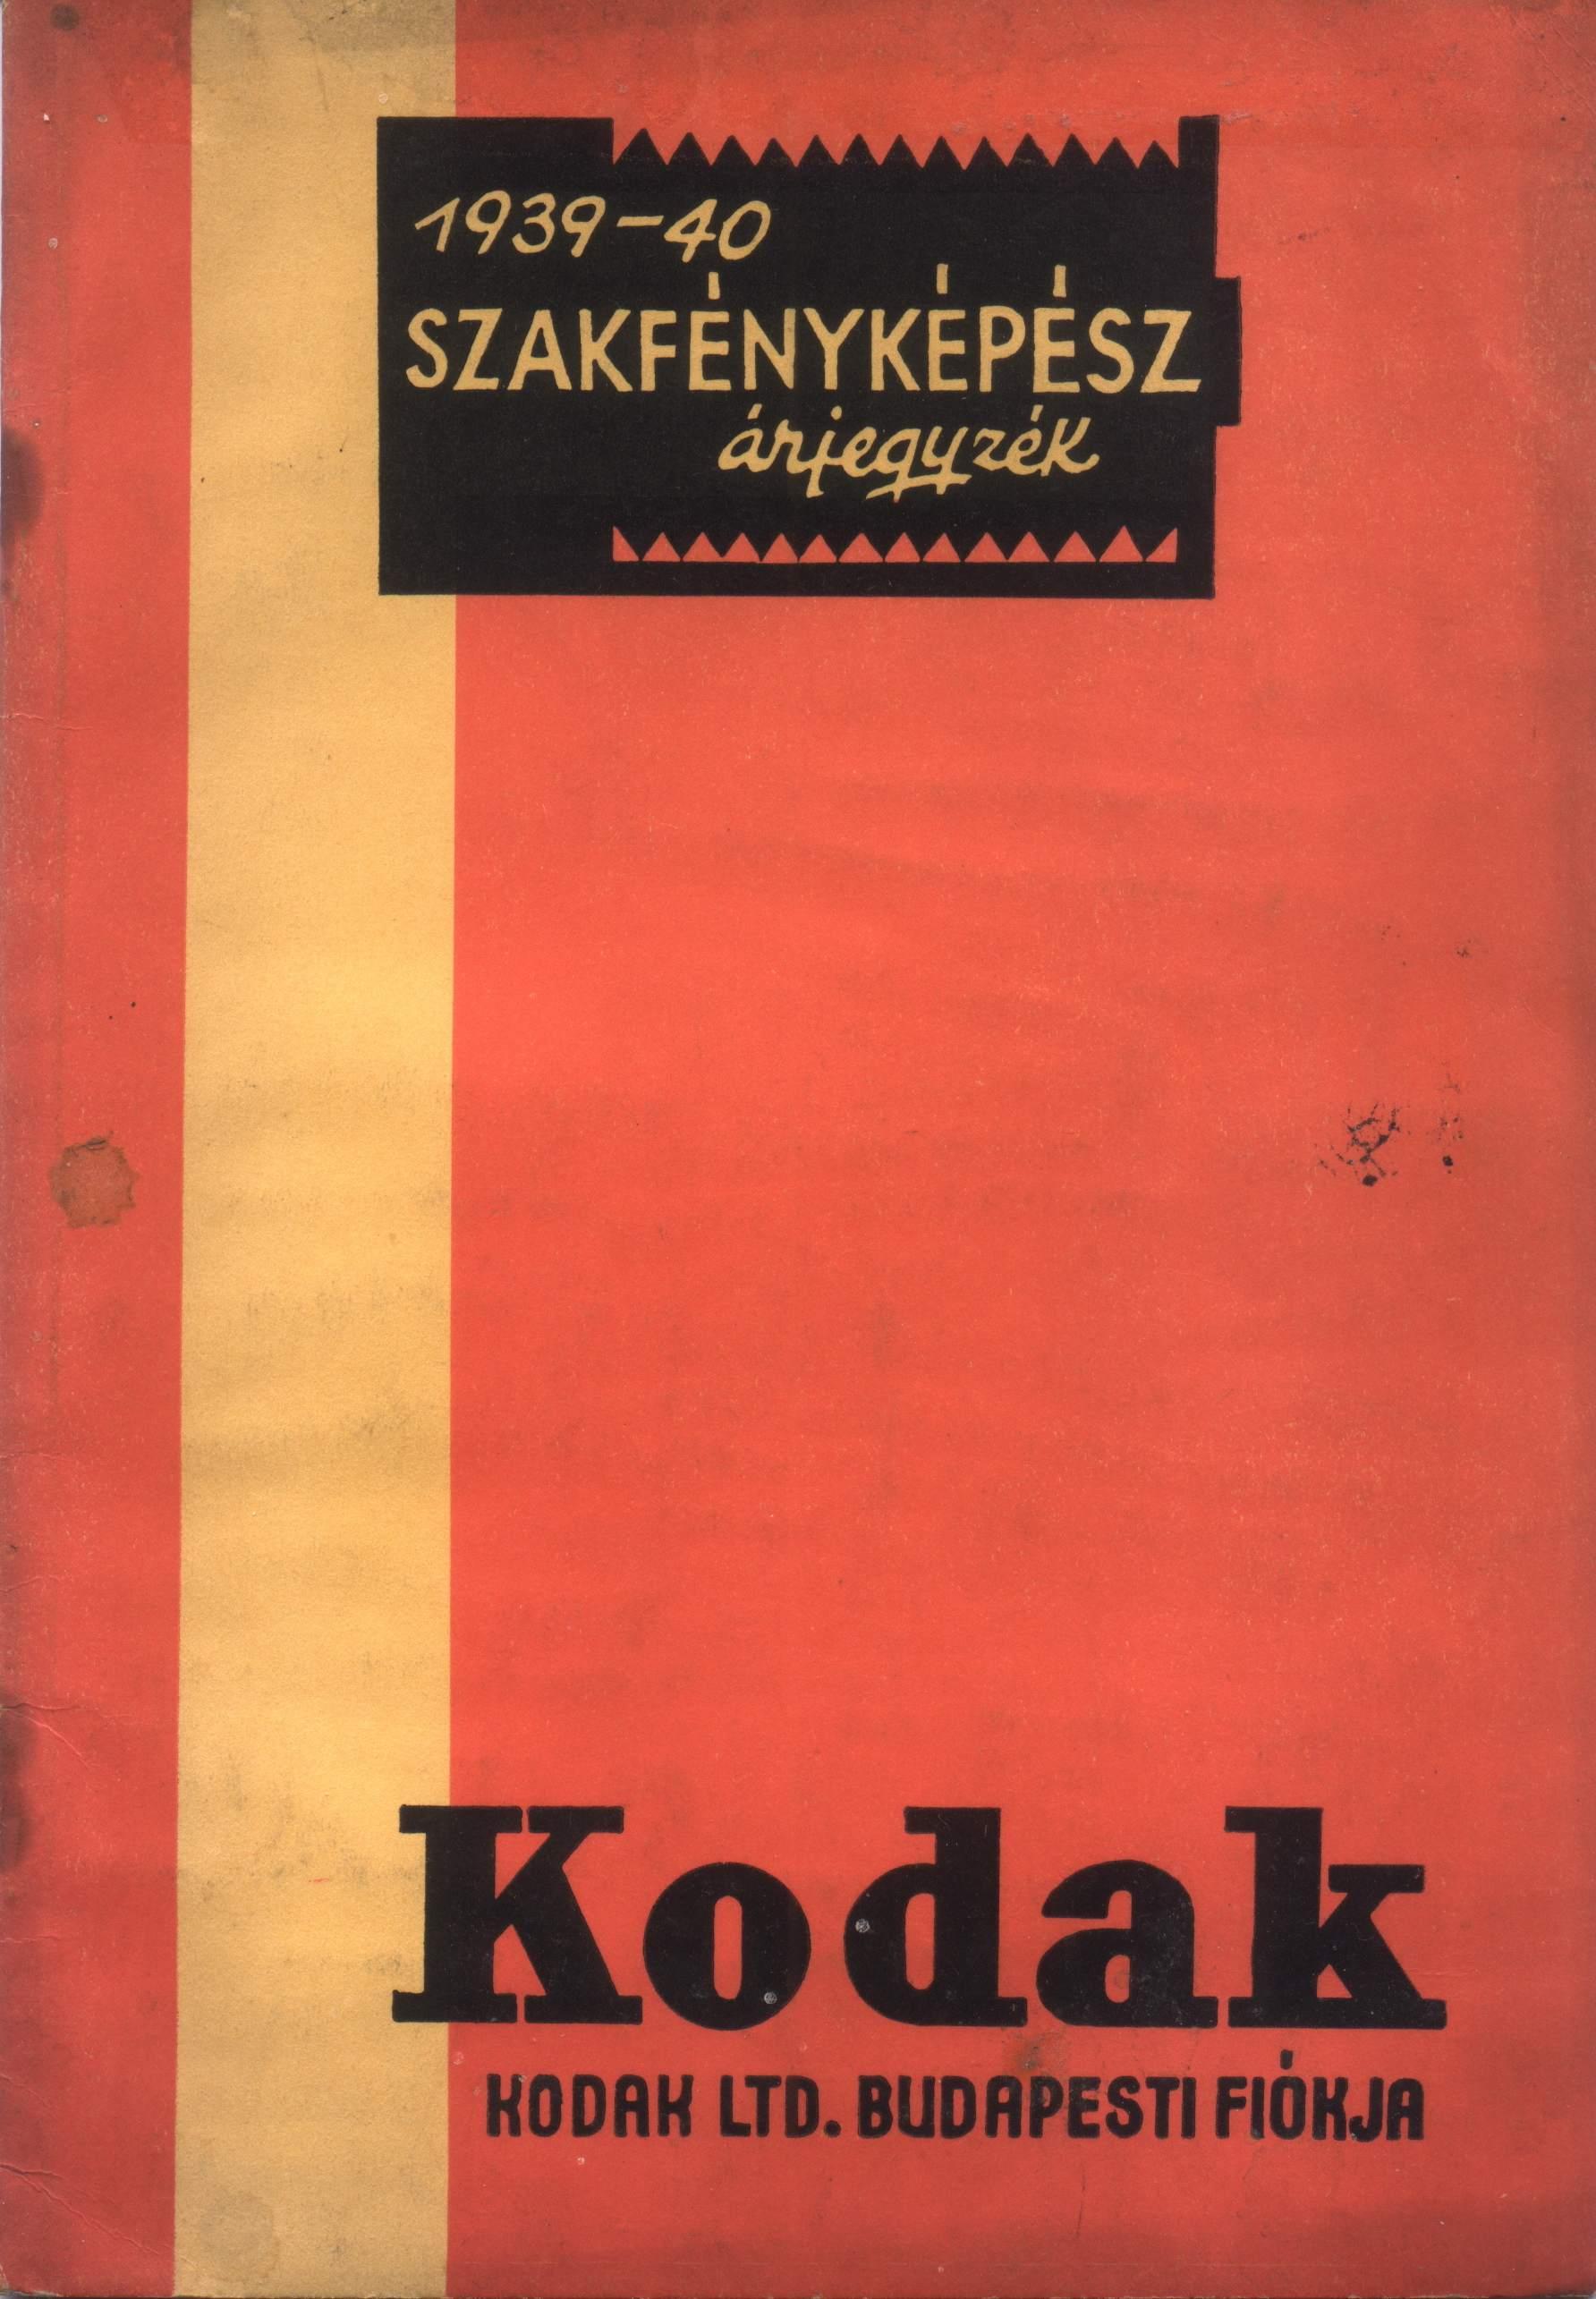 Kodak árjegyzék címlap